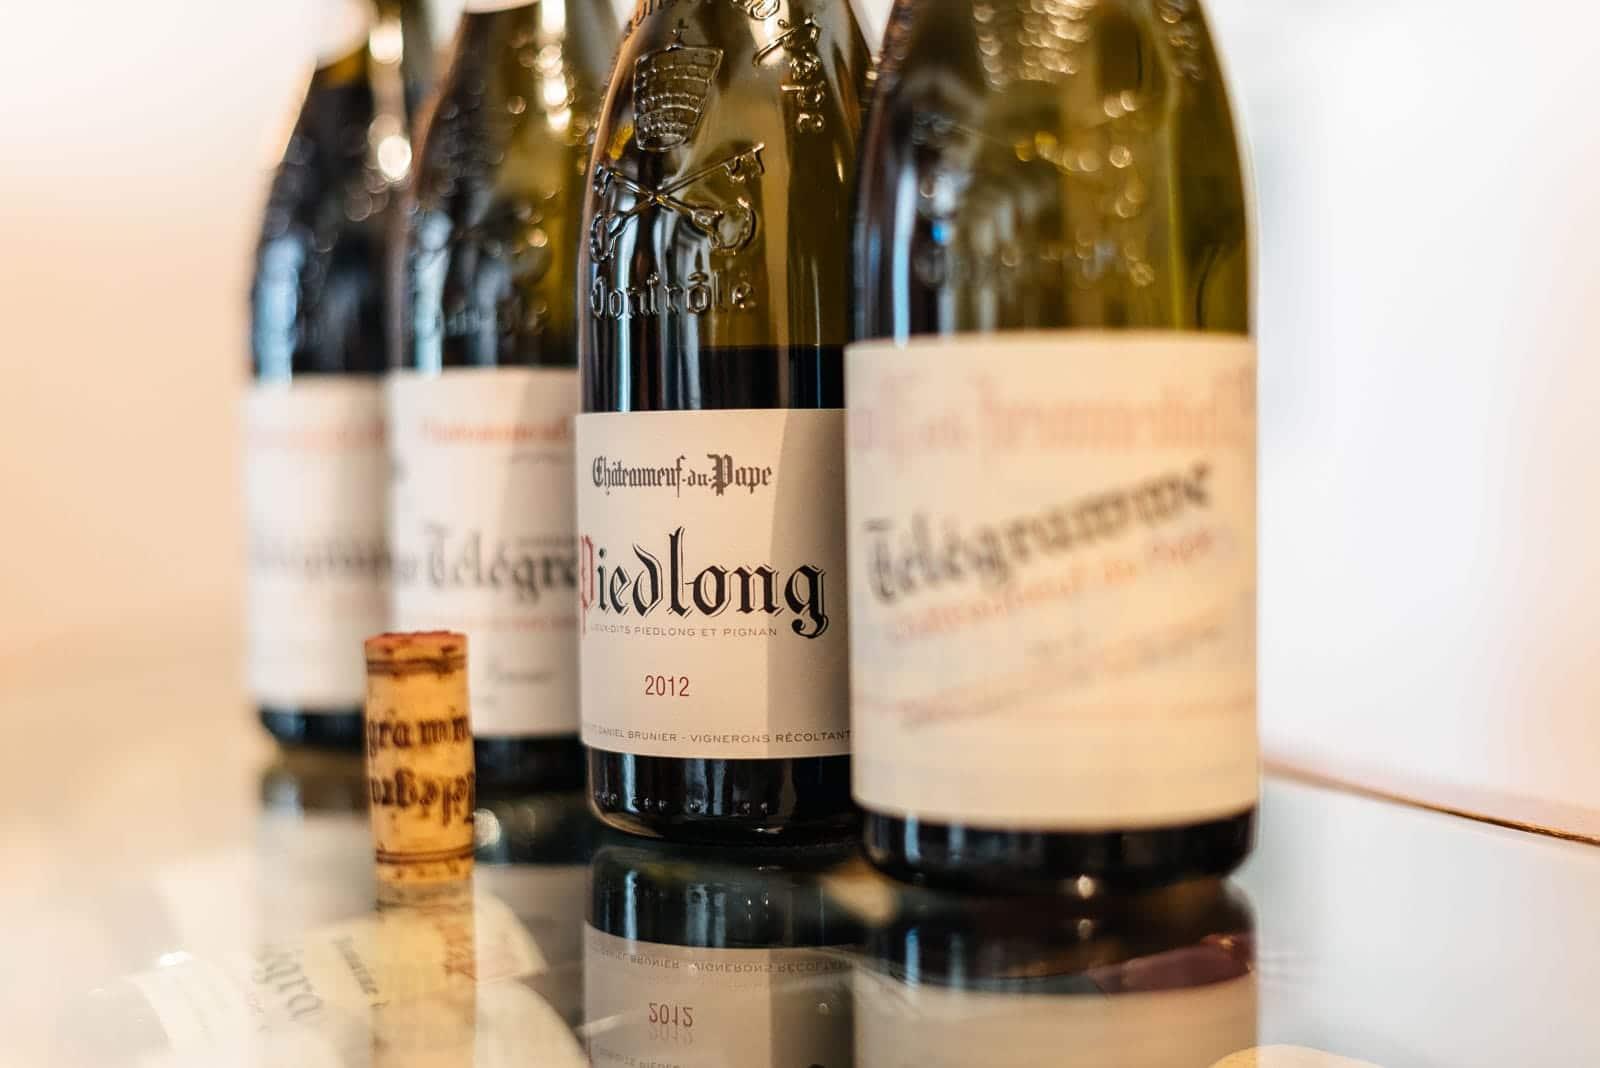 Châteauneuf du Pape wine